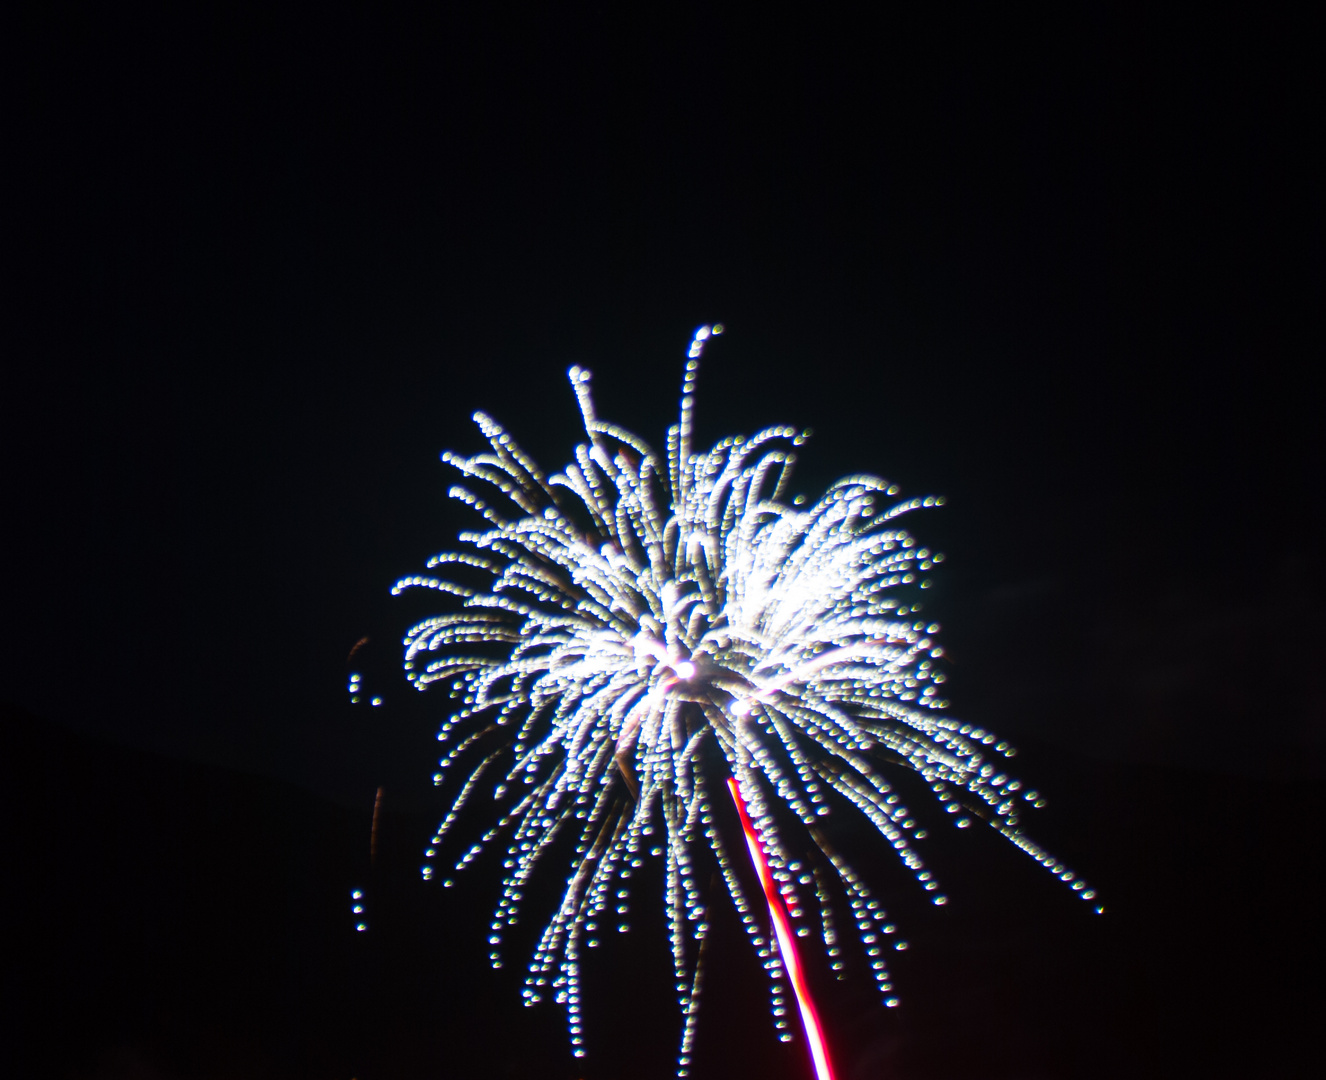 Feuerwerk im Jahr 2017 Bild 1